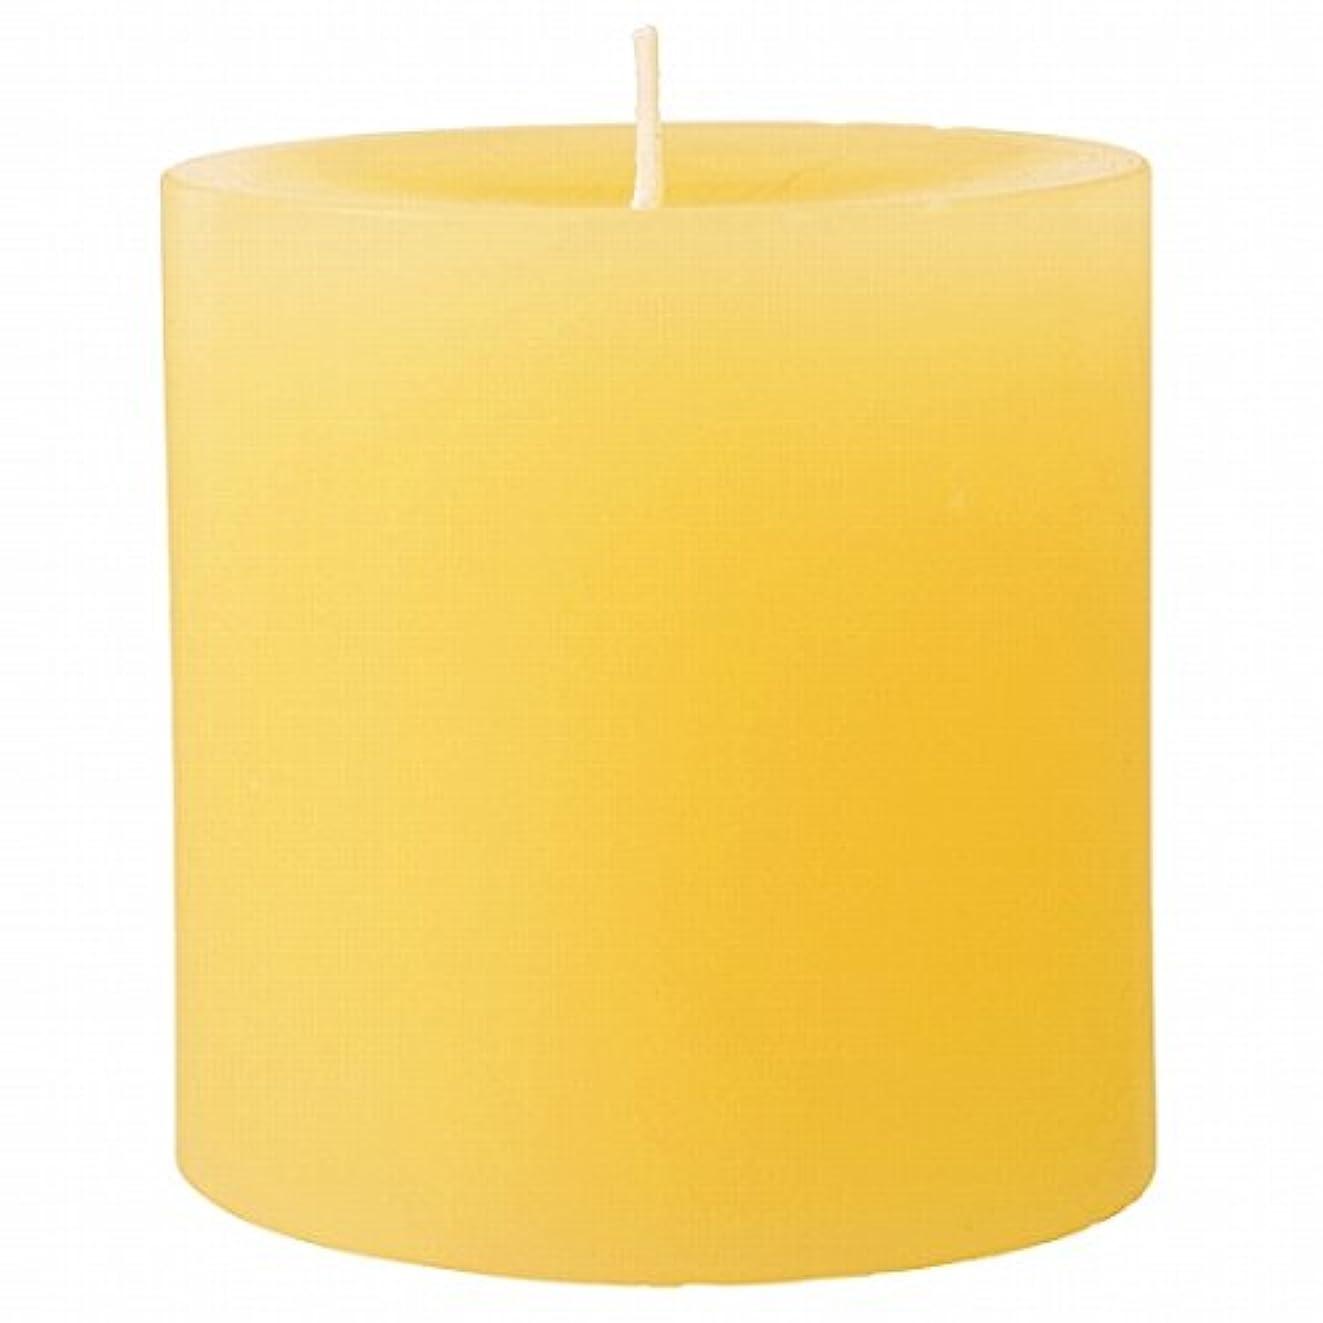 周りスカート静かなカメヤマキャンドル(kameyama candle) 75×75ピラーキャンドル 「 アイボリー 」